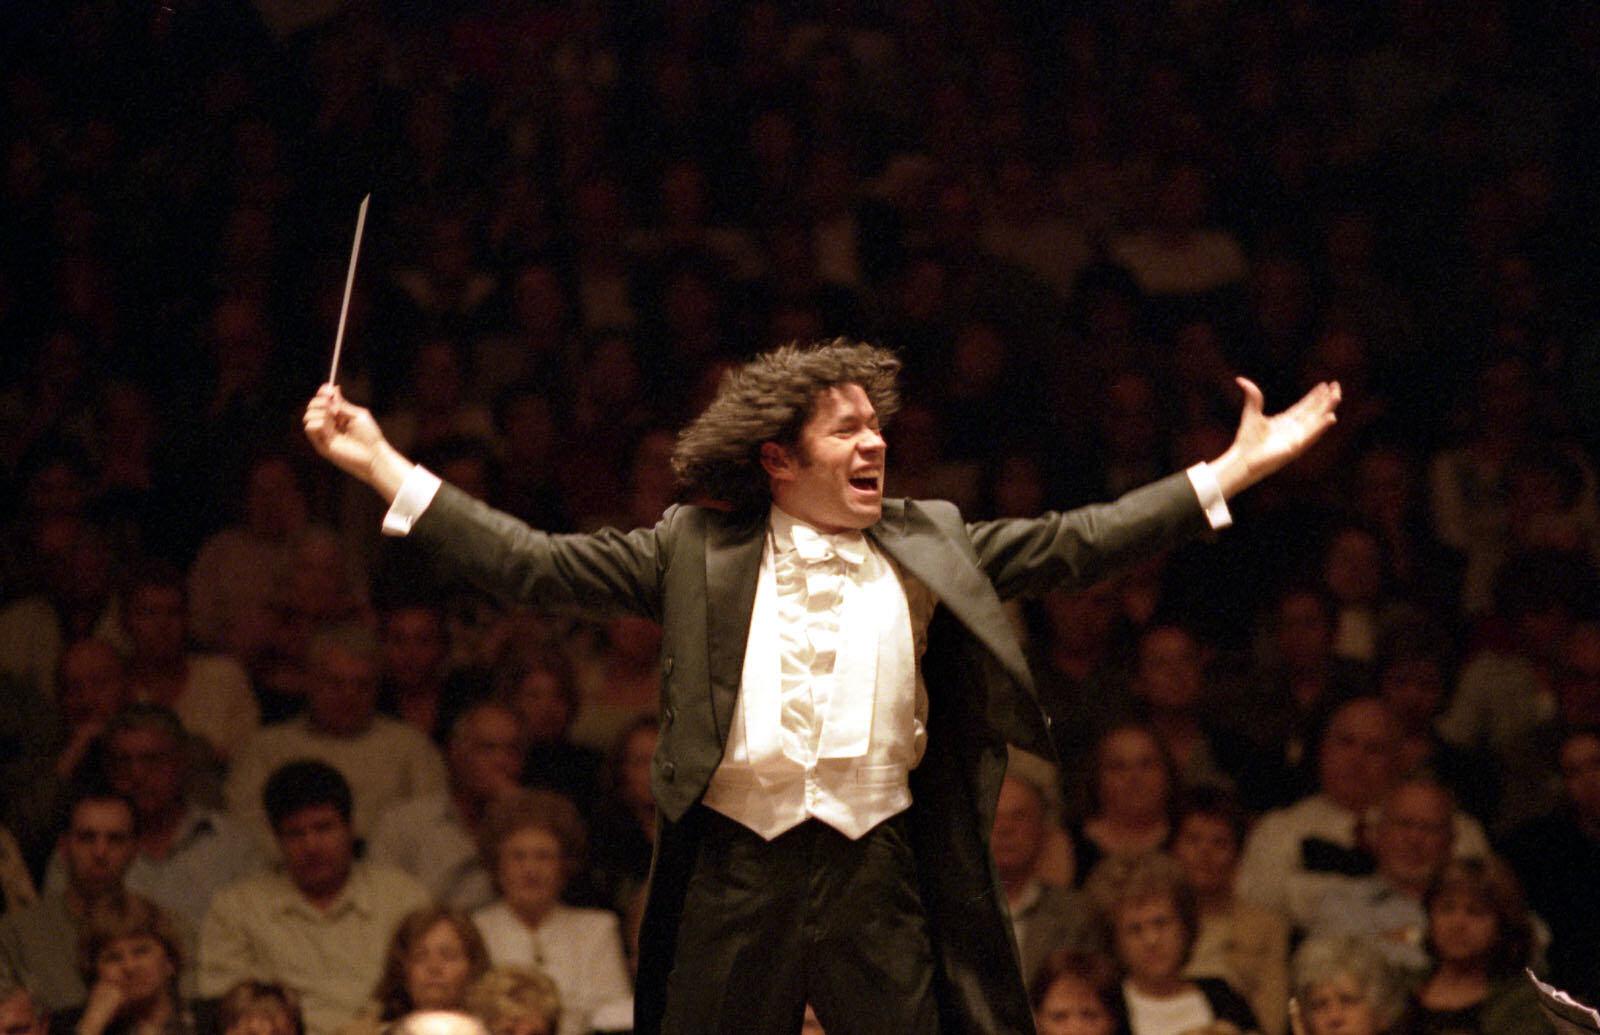 Gustavo Dudamel osvaja publiku i oduševljava glazbene kritičare koji ga nazivaju najnadarenijim i najzanimljivijim mladim dirigentom u vrlo dugo vrijeme